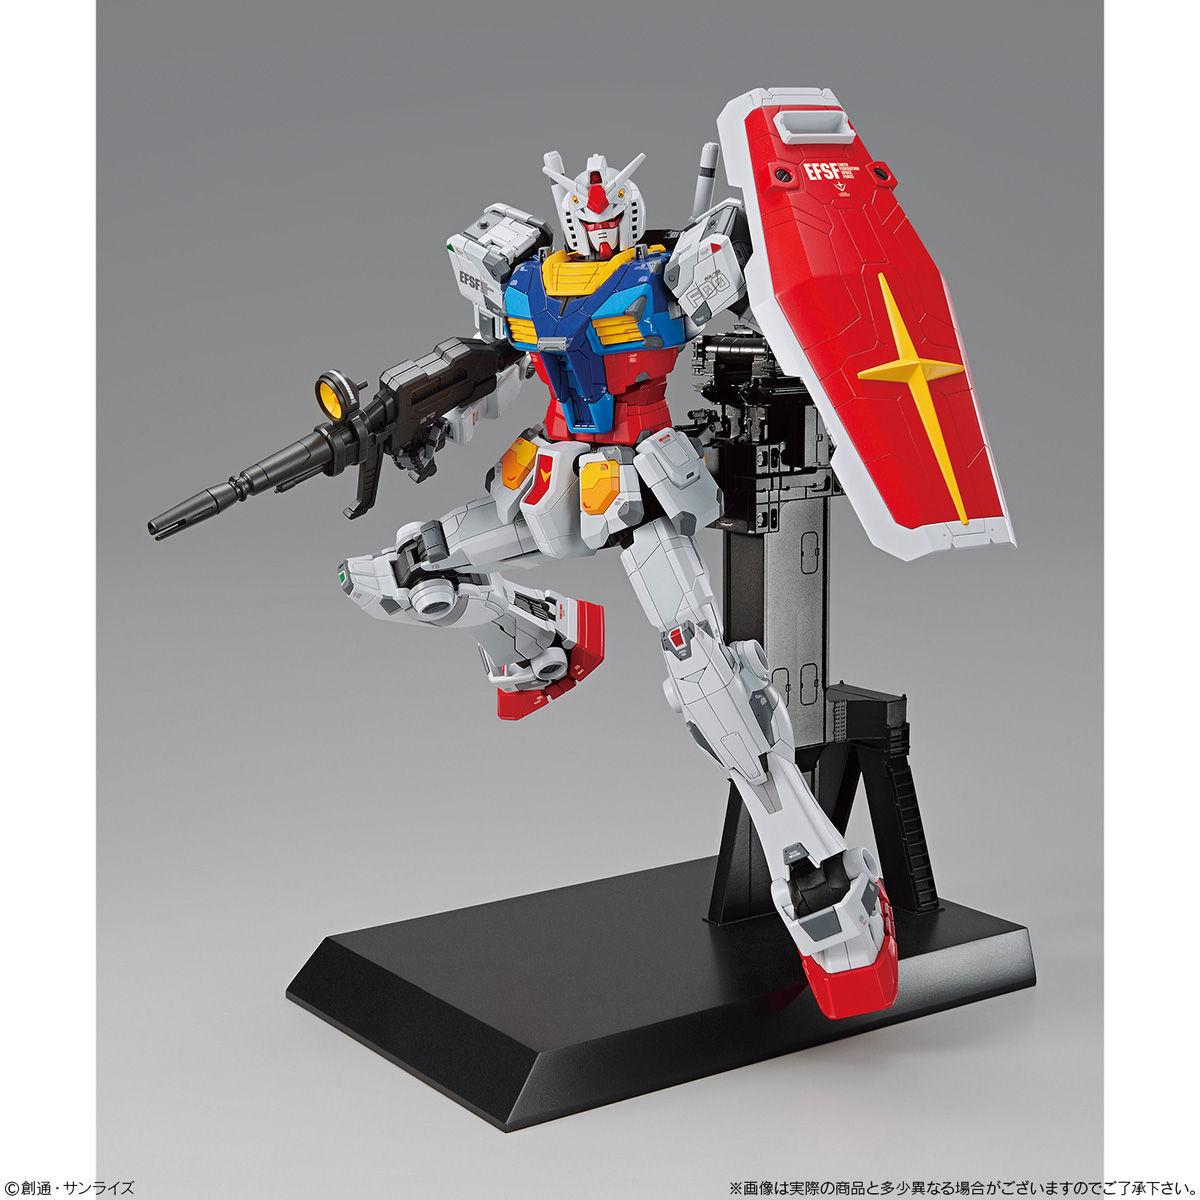 【先行販売】GUNDAM FACTORY YOKOHAMA『RX-78F00 ガンダム』1/100 プラモデル-008